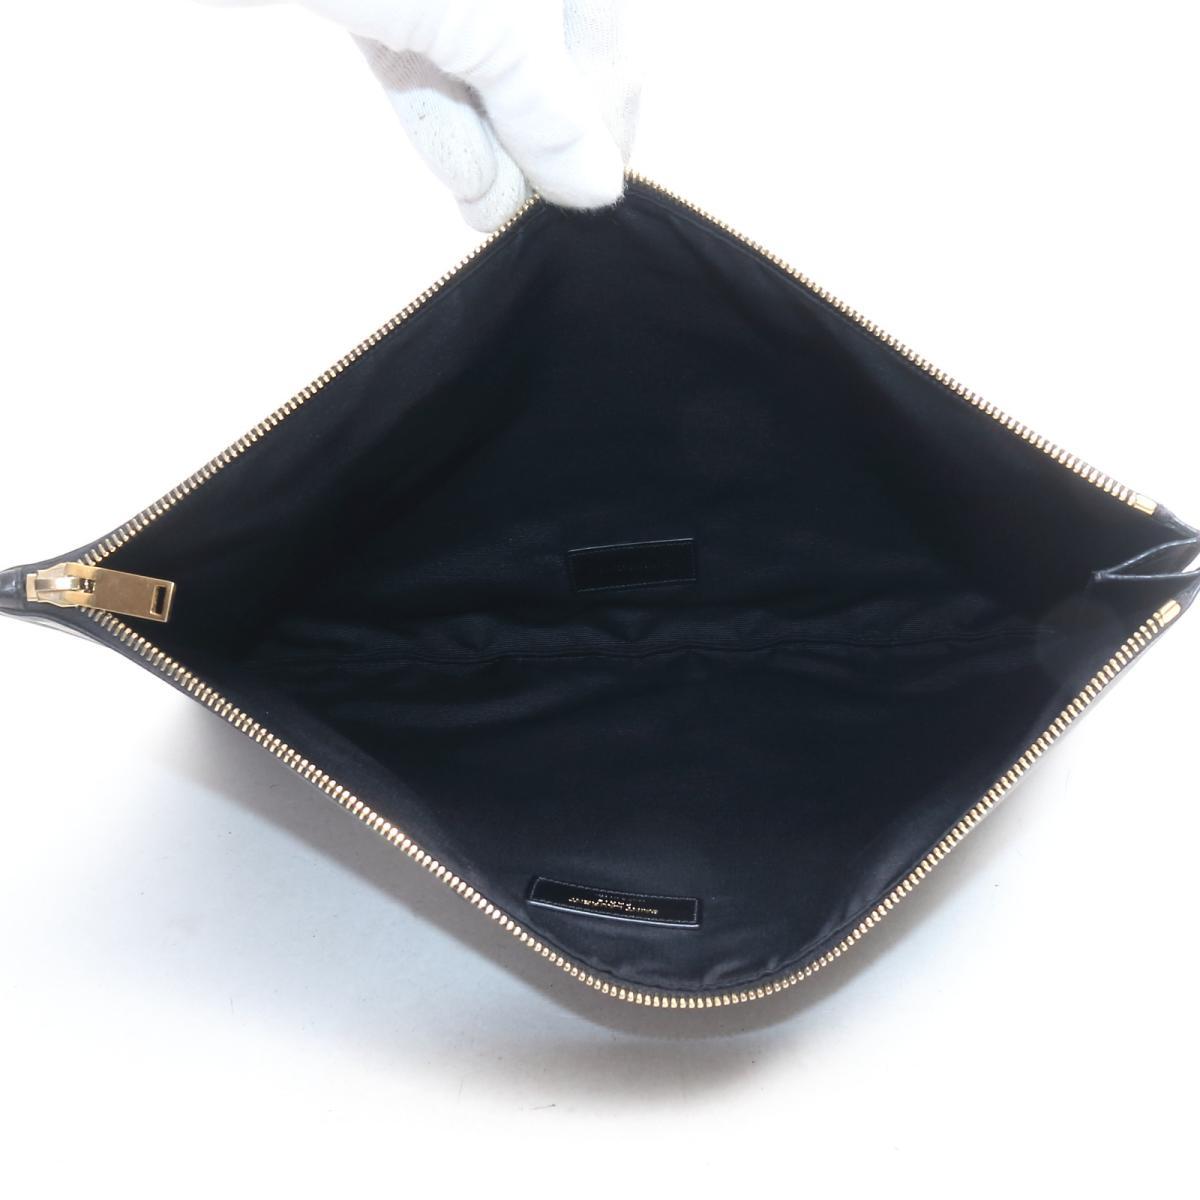 サン・ローラン クラッチバッグ バッグ メンズ レディース コーティングレザー ブラウン x ブラックSAINT LAURENT BRANDOFF ブランドオフ ブランド ブランドバッグ バック アクセサリーポーチ アクセサリー ポーチuTJc31lFK